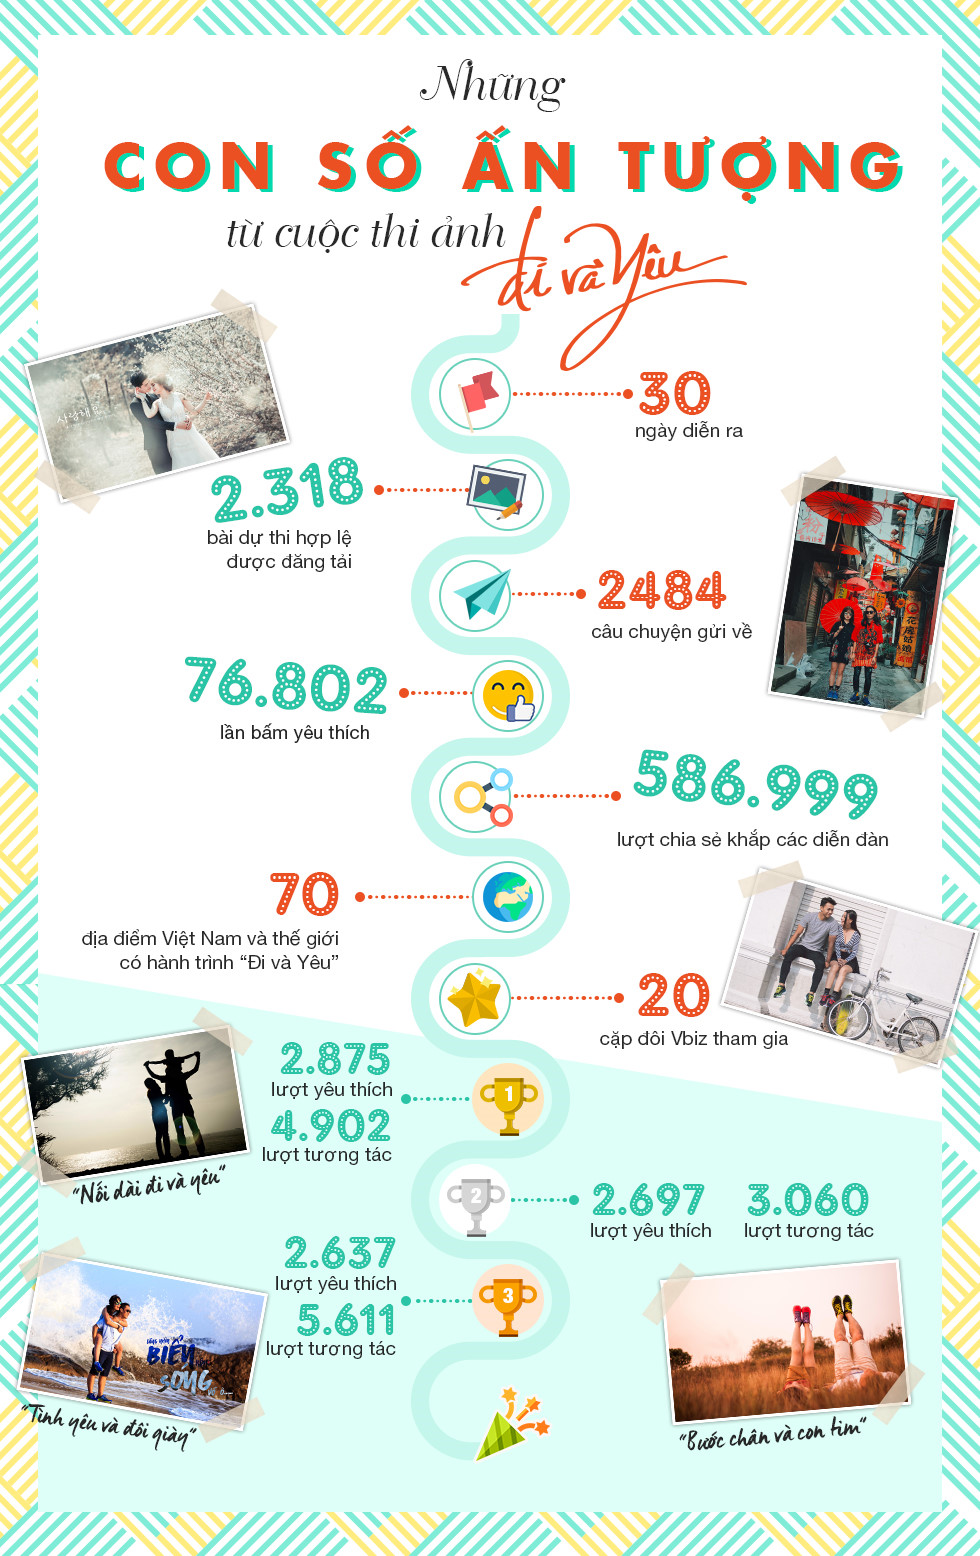 Kết quả ấn tượng từ giải pháp Content marketing trên Zing News